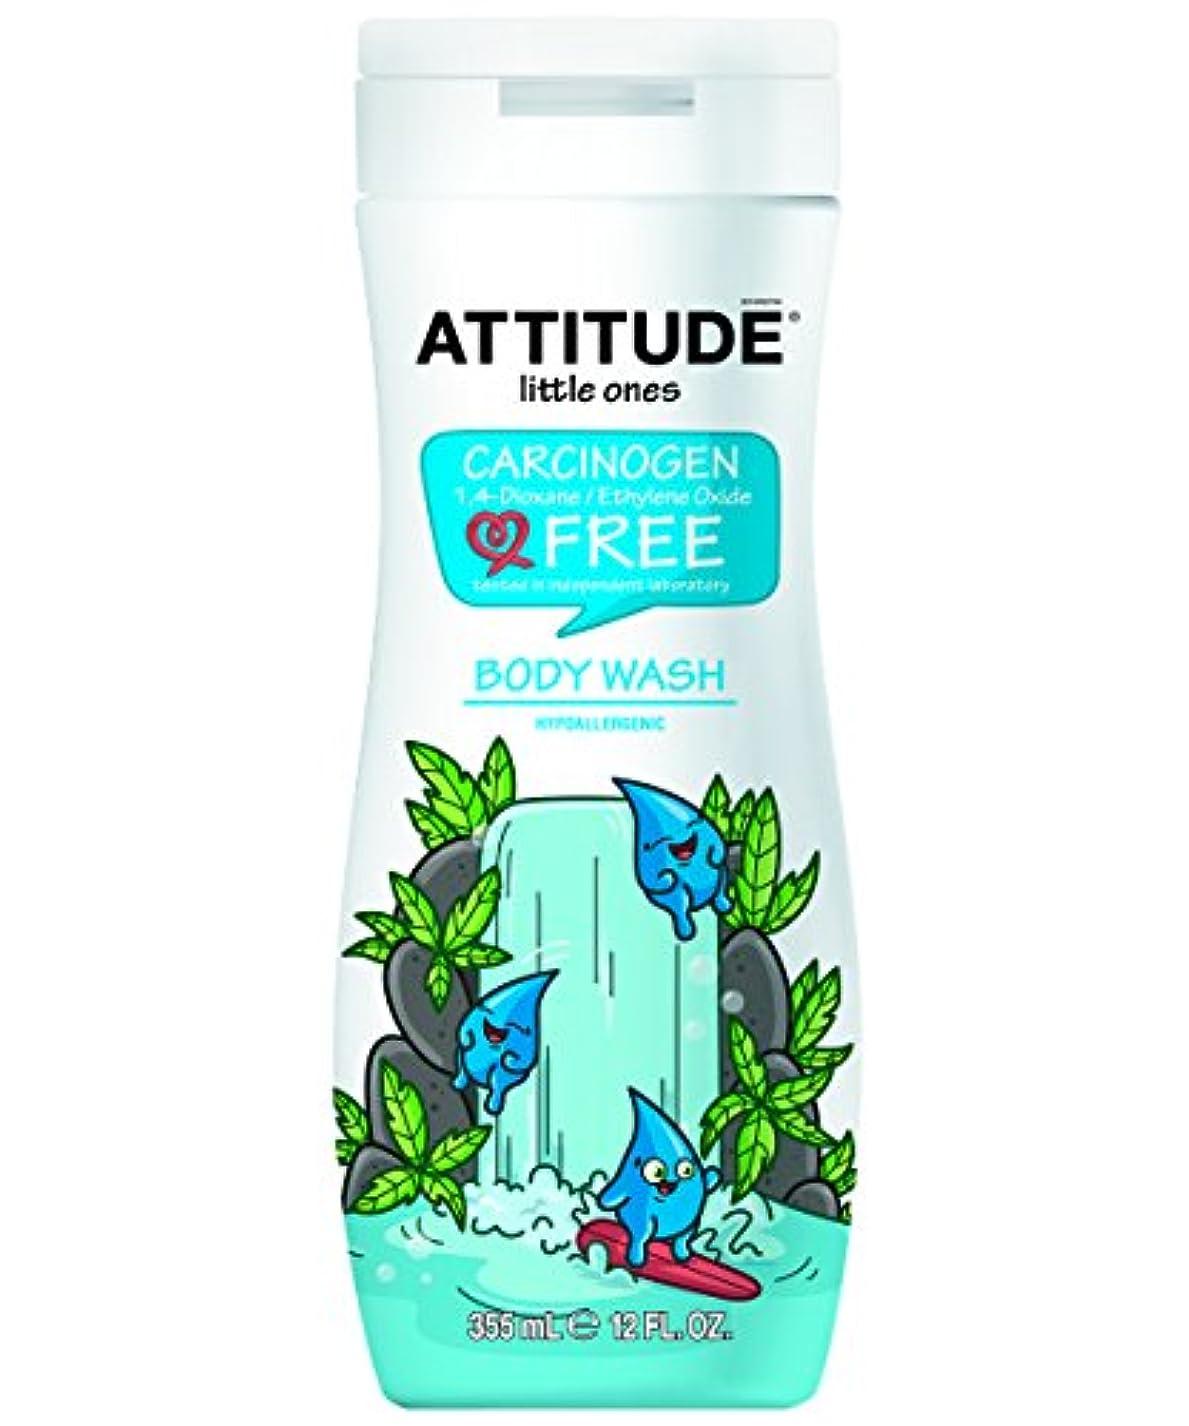 過ち好奇心盛精通したAttitude Eco Kids Hypoallergenic Body Wash (355ml) 姿勢エコキッズ低刺激性ボディウォッシュ( 355ミリリットル)